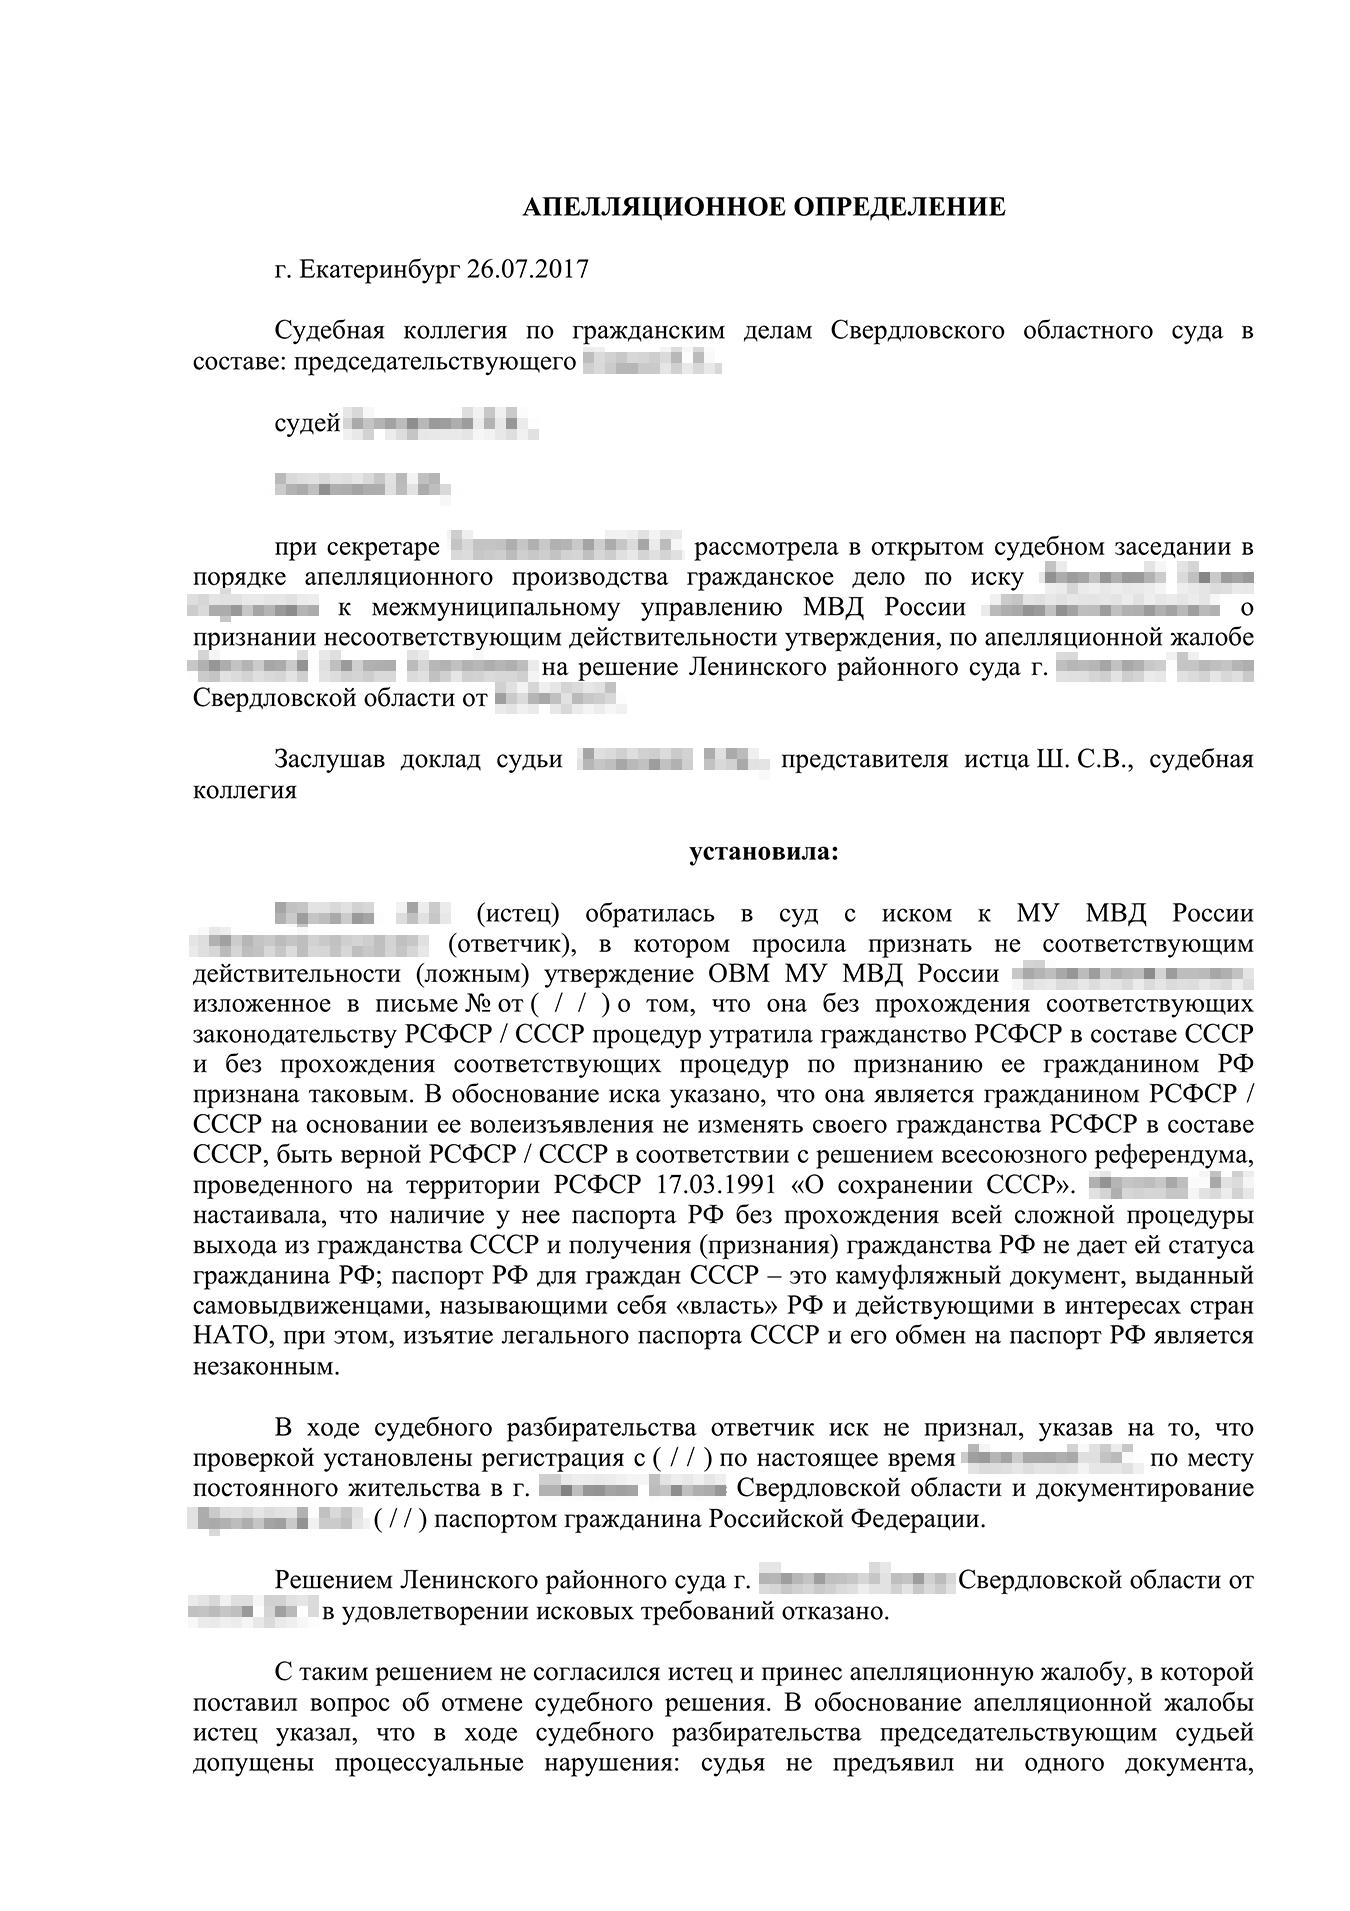 кабальный кредитный договор судебная практика